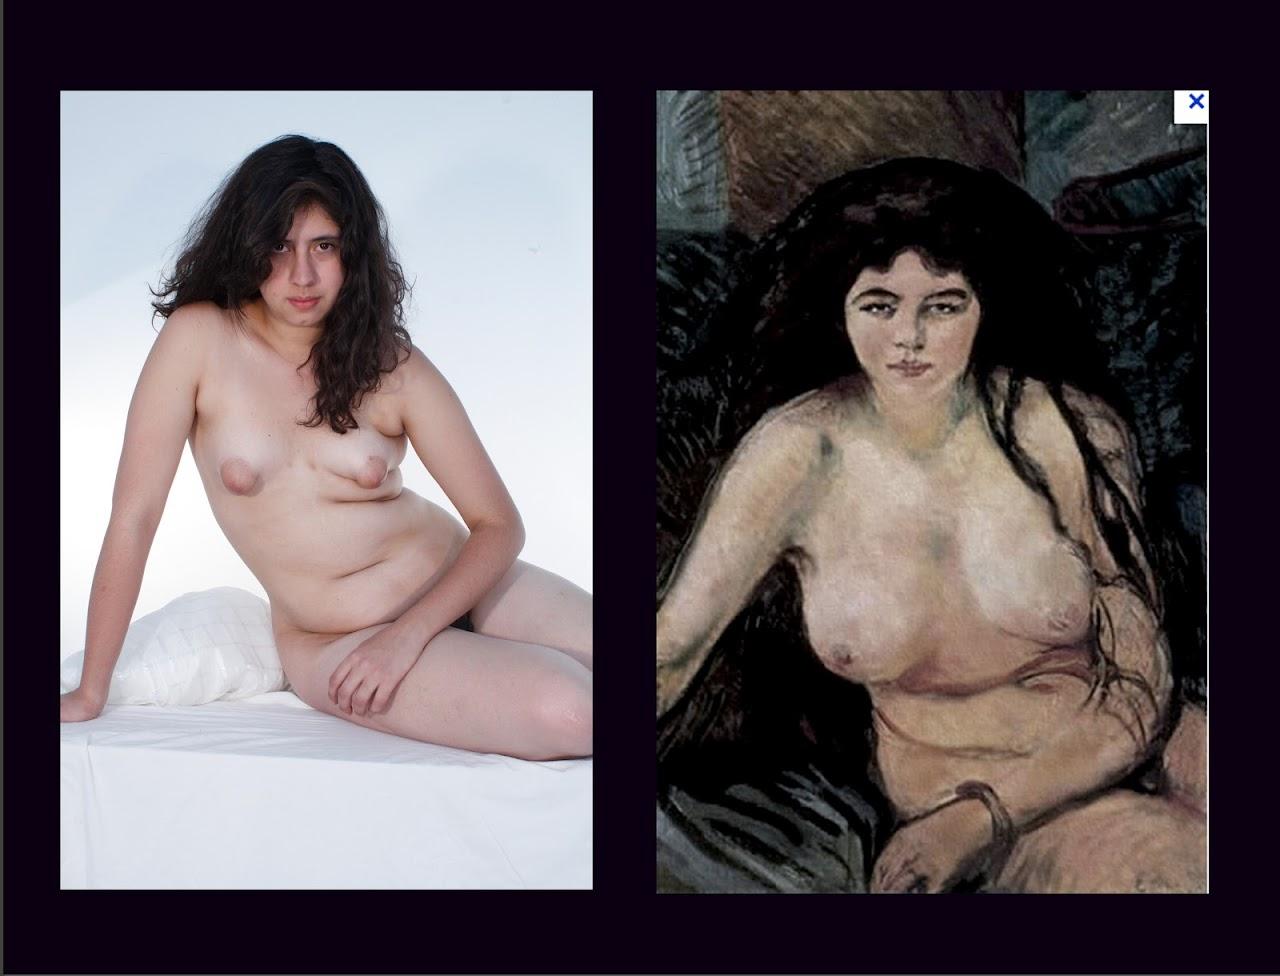 http://3.bp.blogspot.com/-k2Jk7kS7v-o/T9VzWK_dnJI/AAAAAAAAAPQ/xnrK_4VNhcc/s1600/edvard+Munch+4.jpg